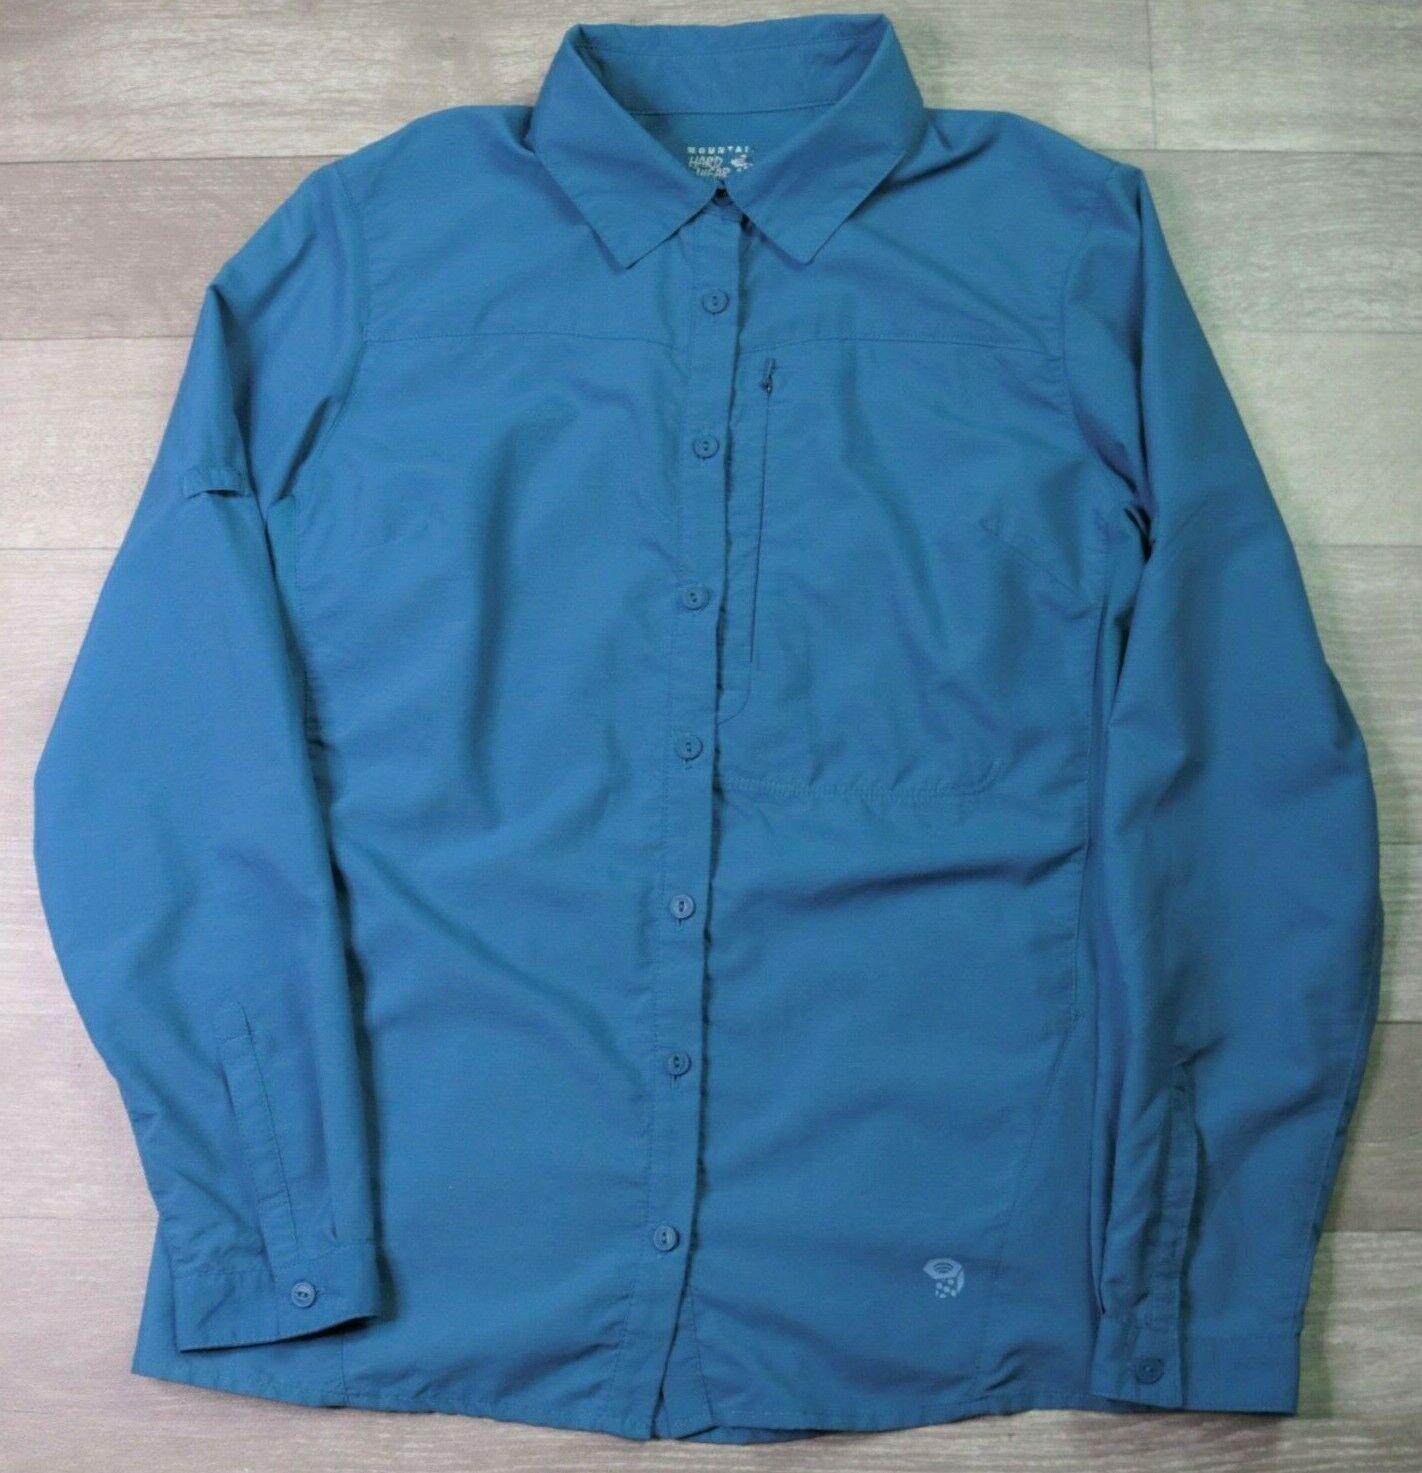 Mountain Hardwear Button Front Blue Hiking Shirt Long Sleeve Top Women's Size XS